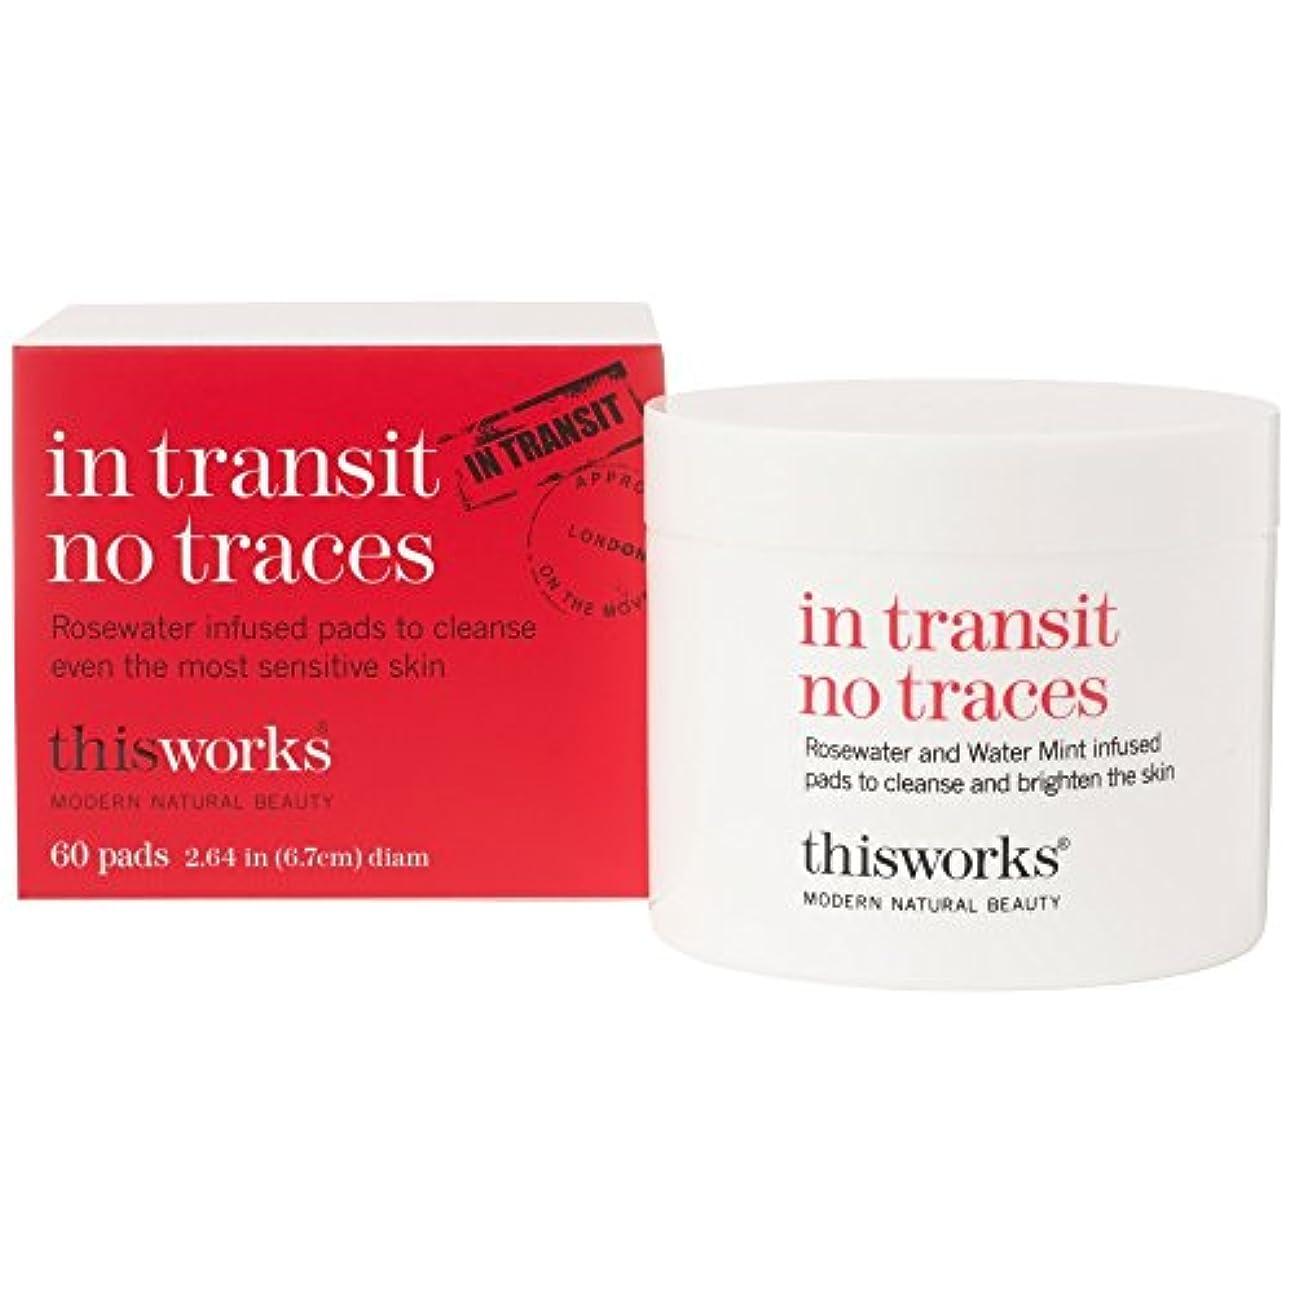 自分業界試すこれは、輸送中に痕跡、60パッドに動作しません (This Works) - This Works In Transit No Traces, 60 Pads [並行輸入品]